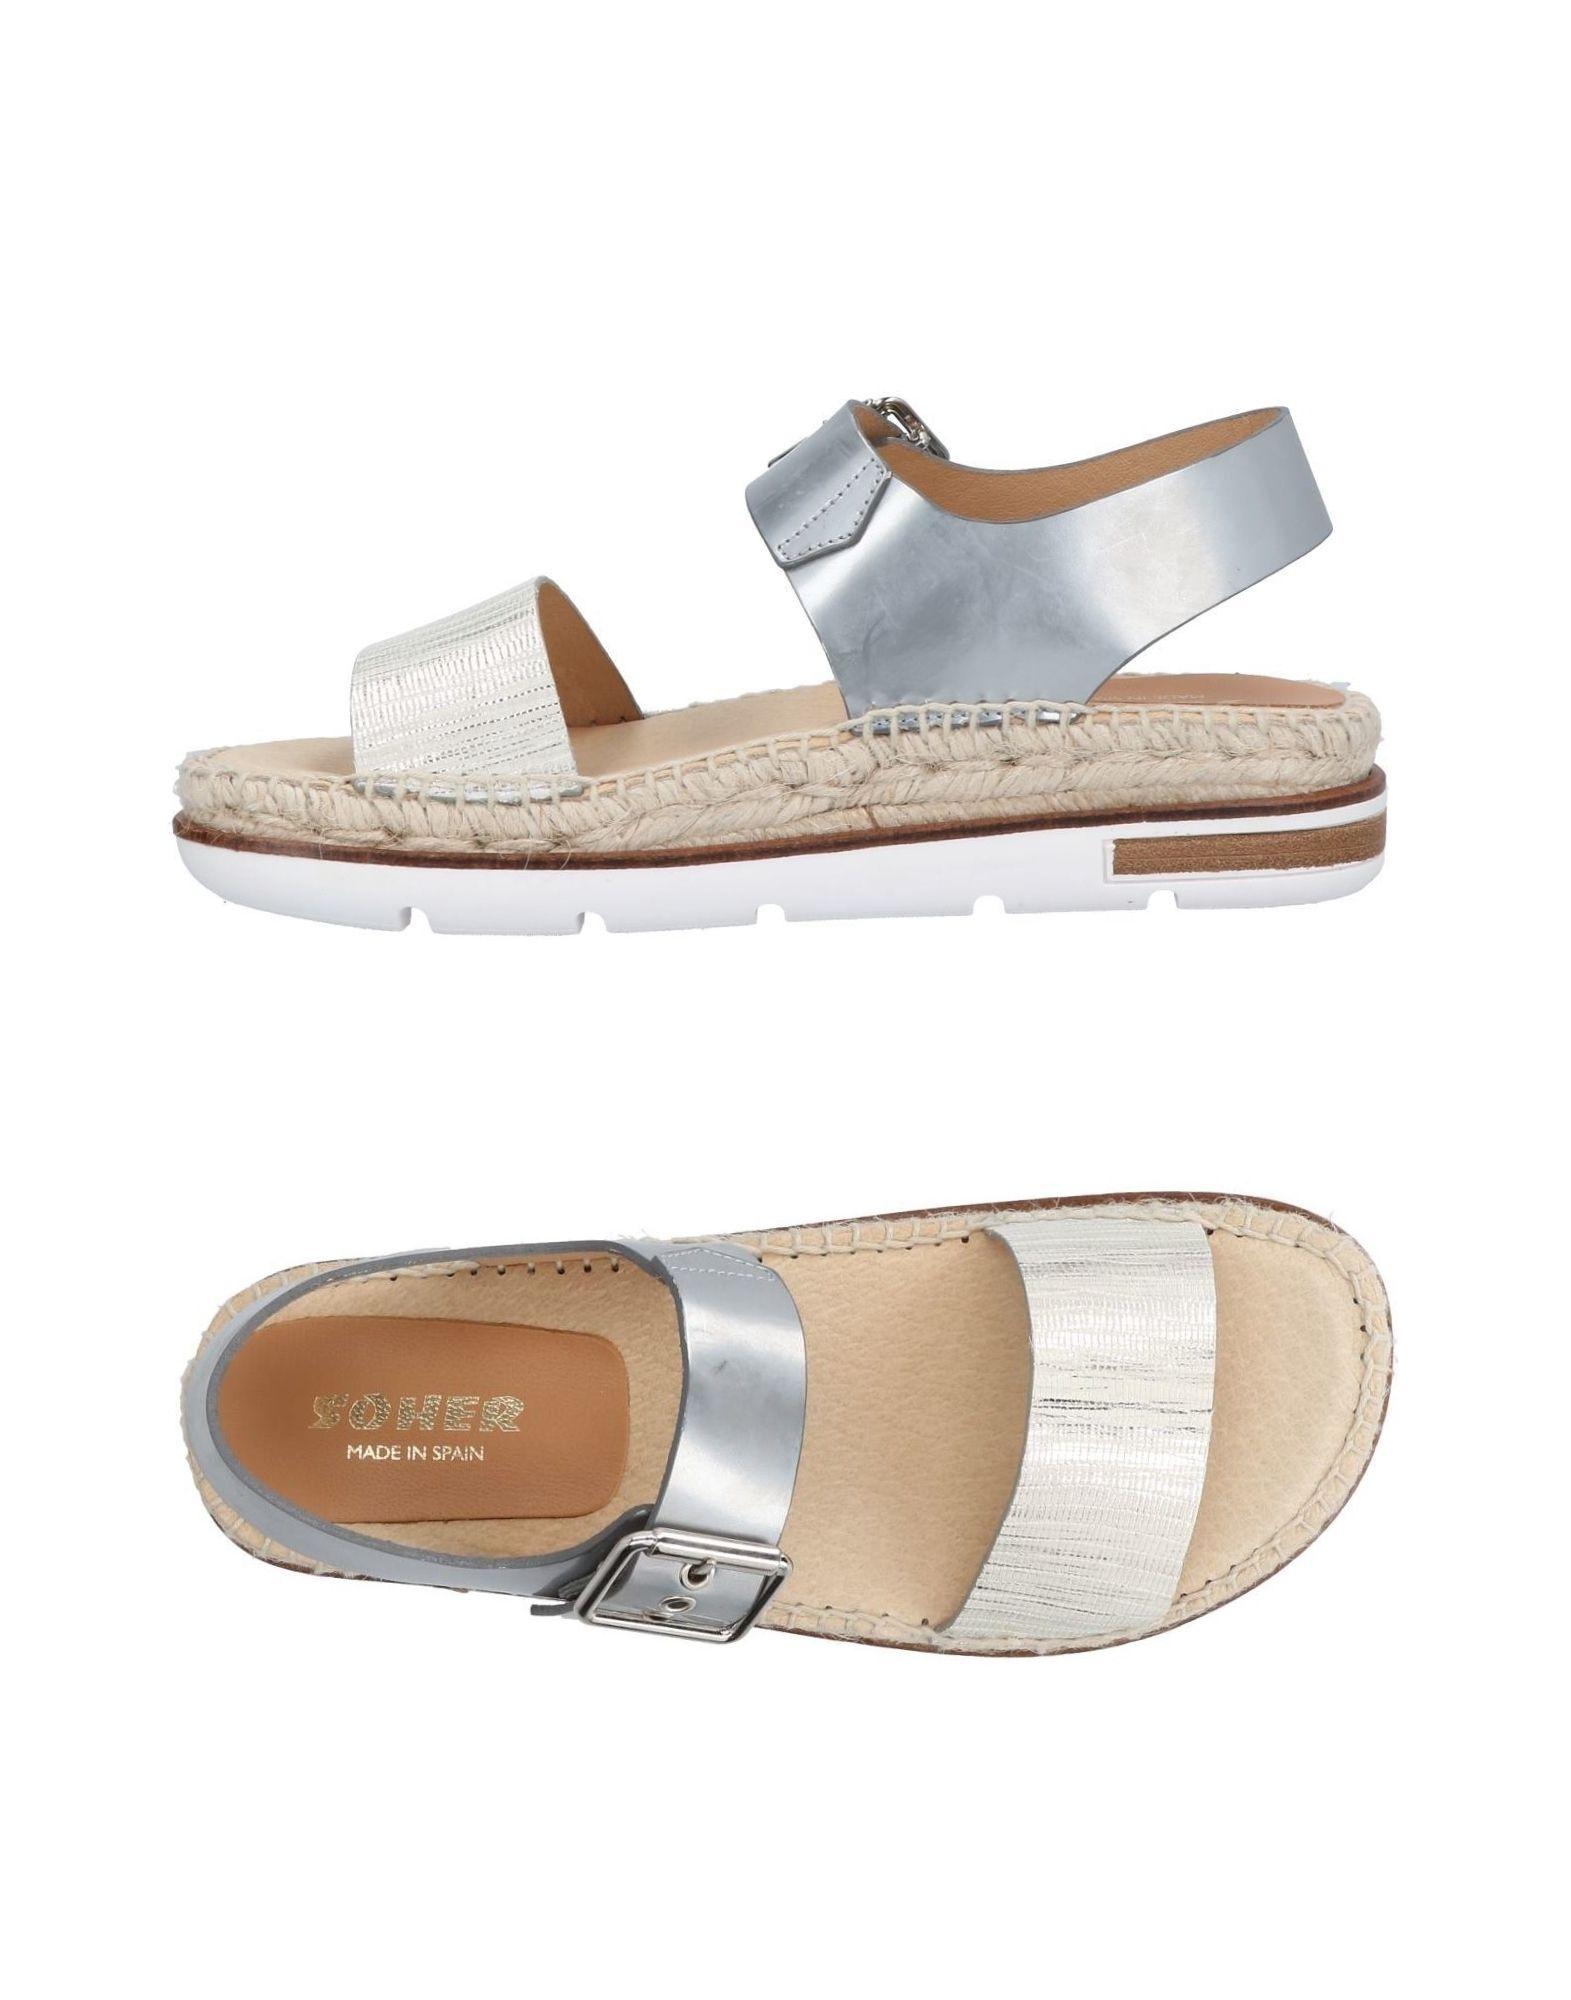 Soher Sandalen Damen  11460514DL Gute Qualität beliebte Schuhe